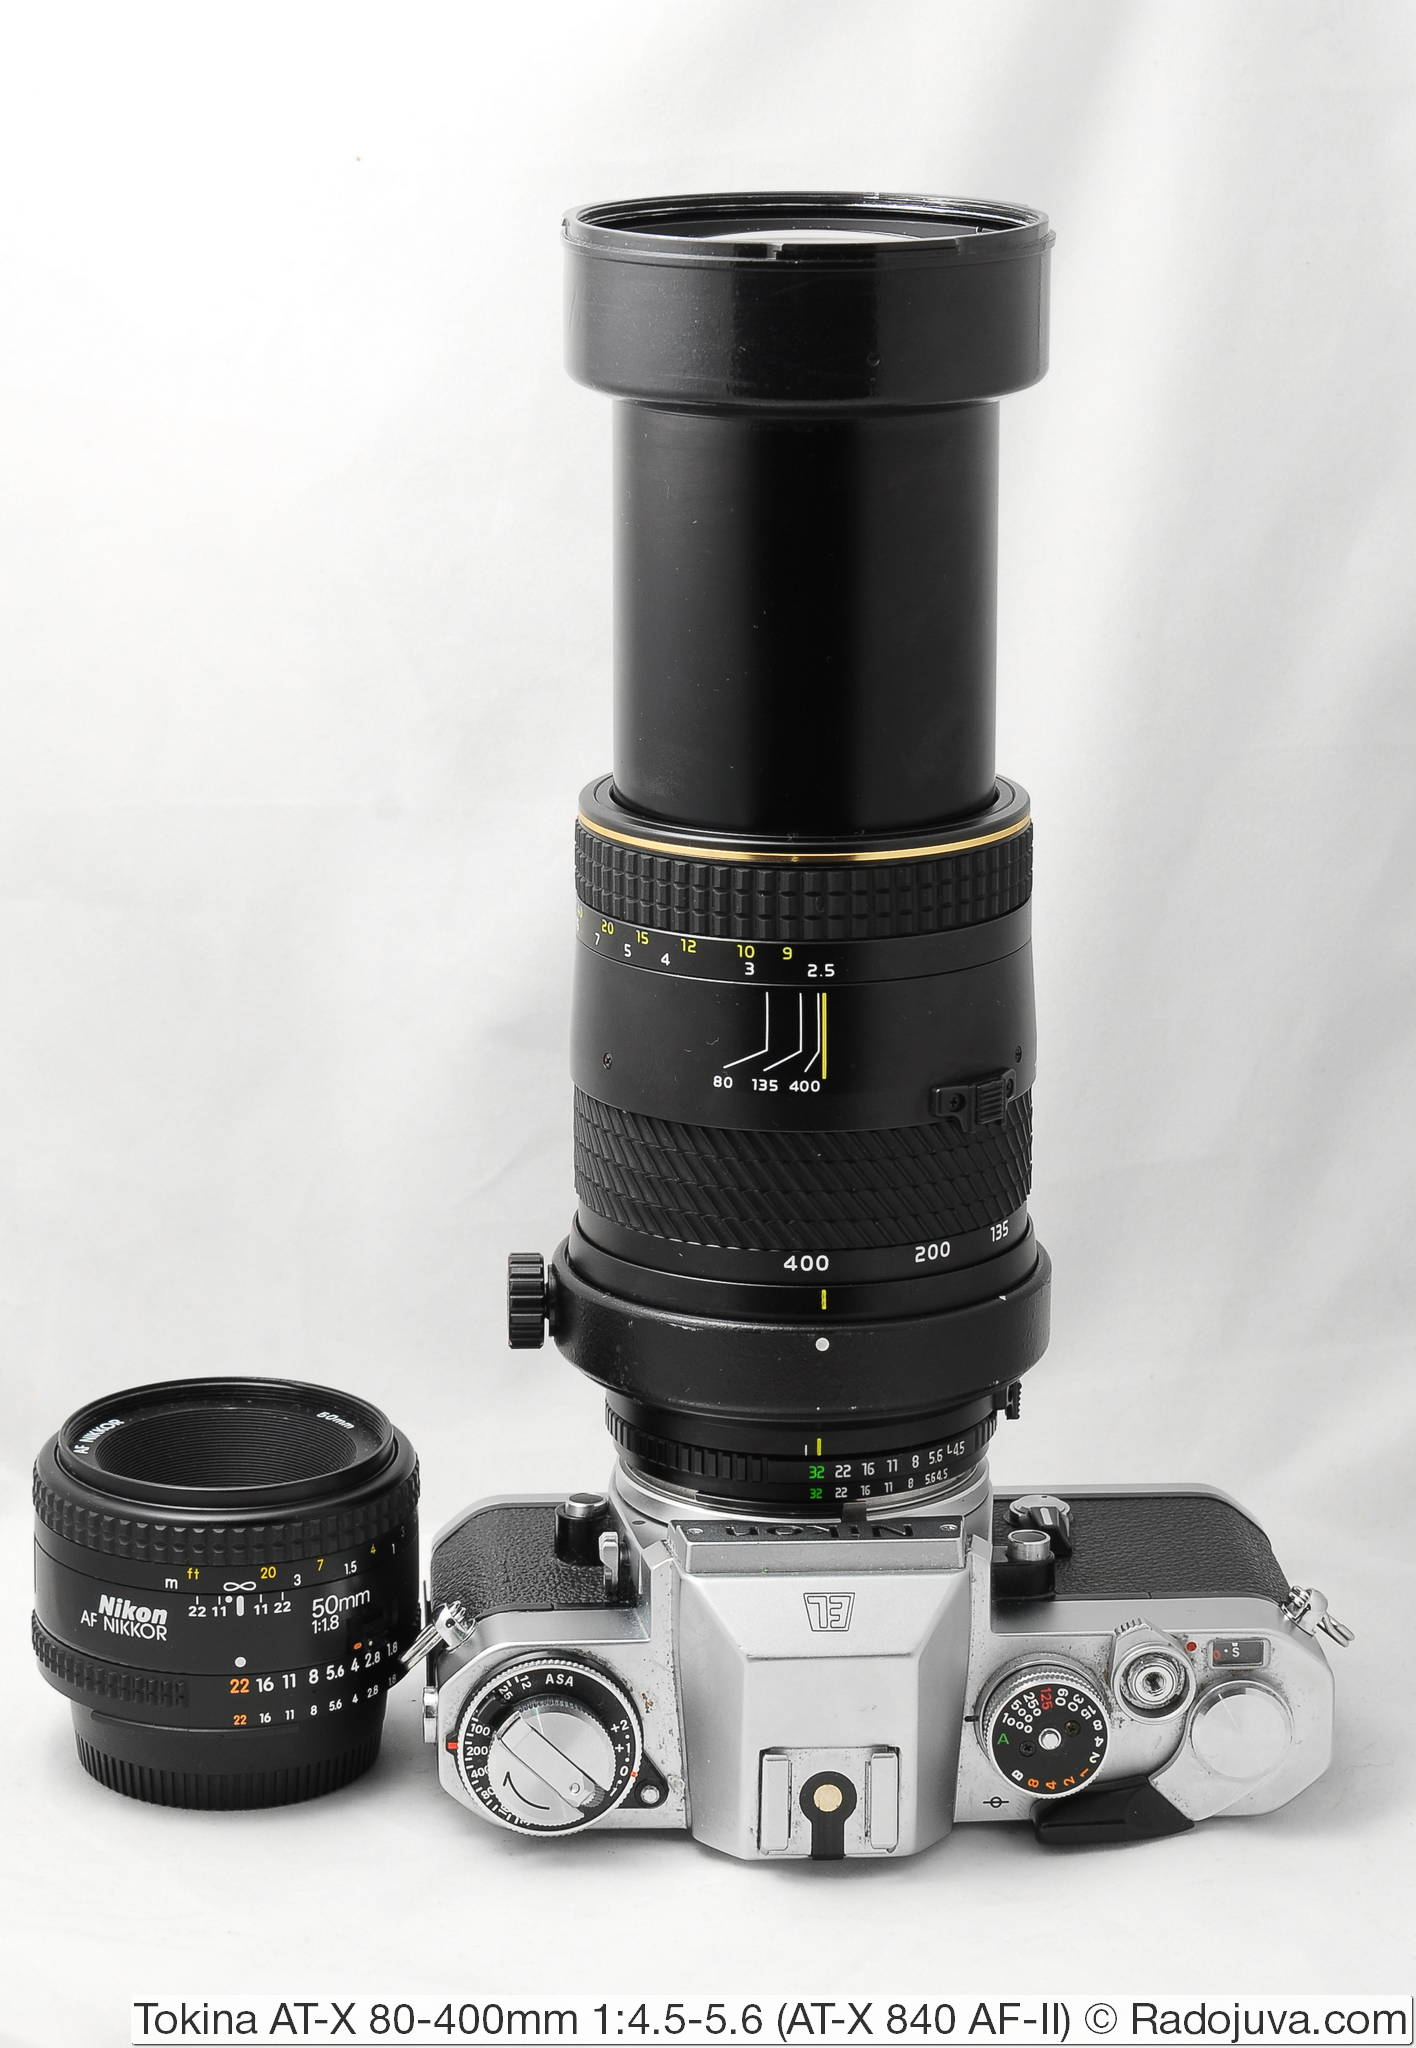 Tokina AT-X 80-400mm 1:4.5-5.6 (AT-X 840 AF-II)